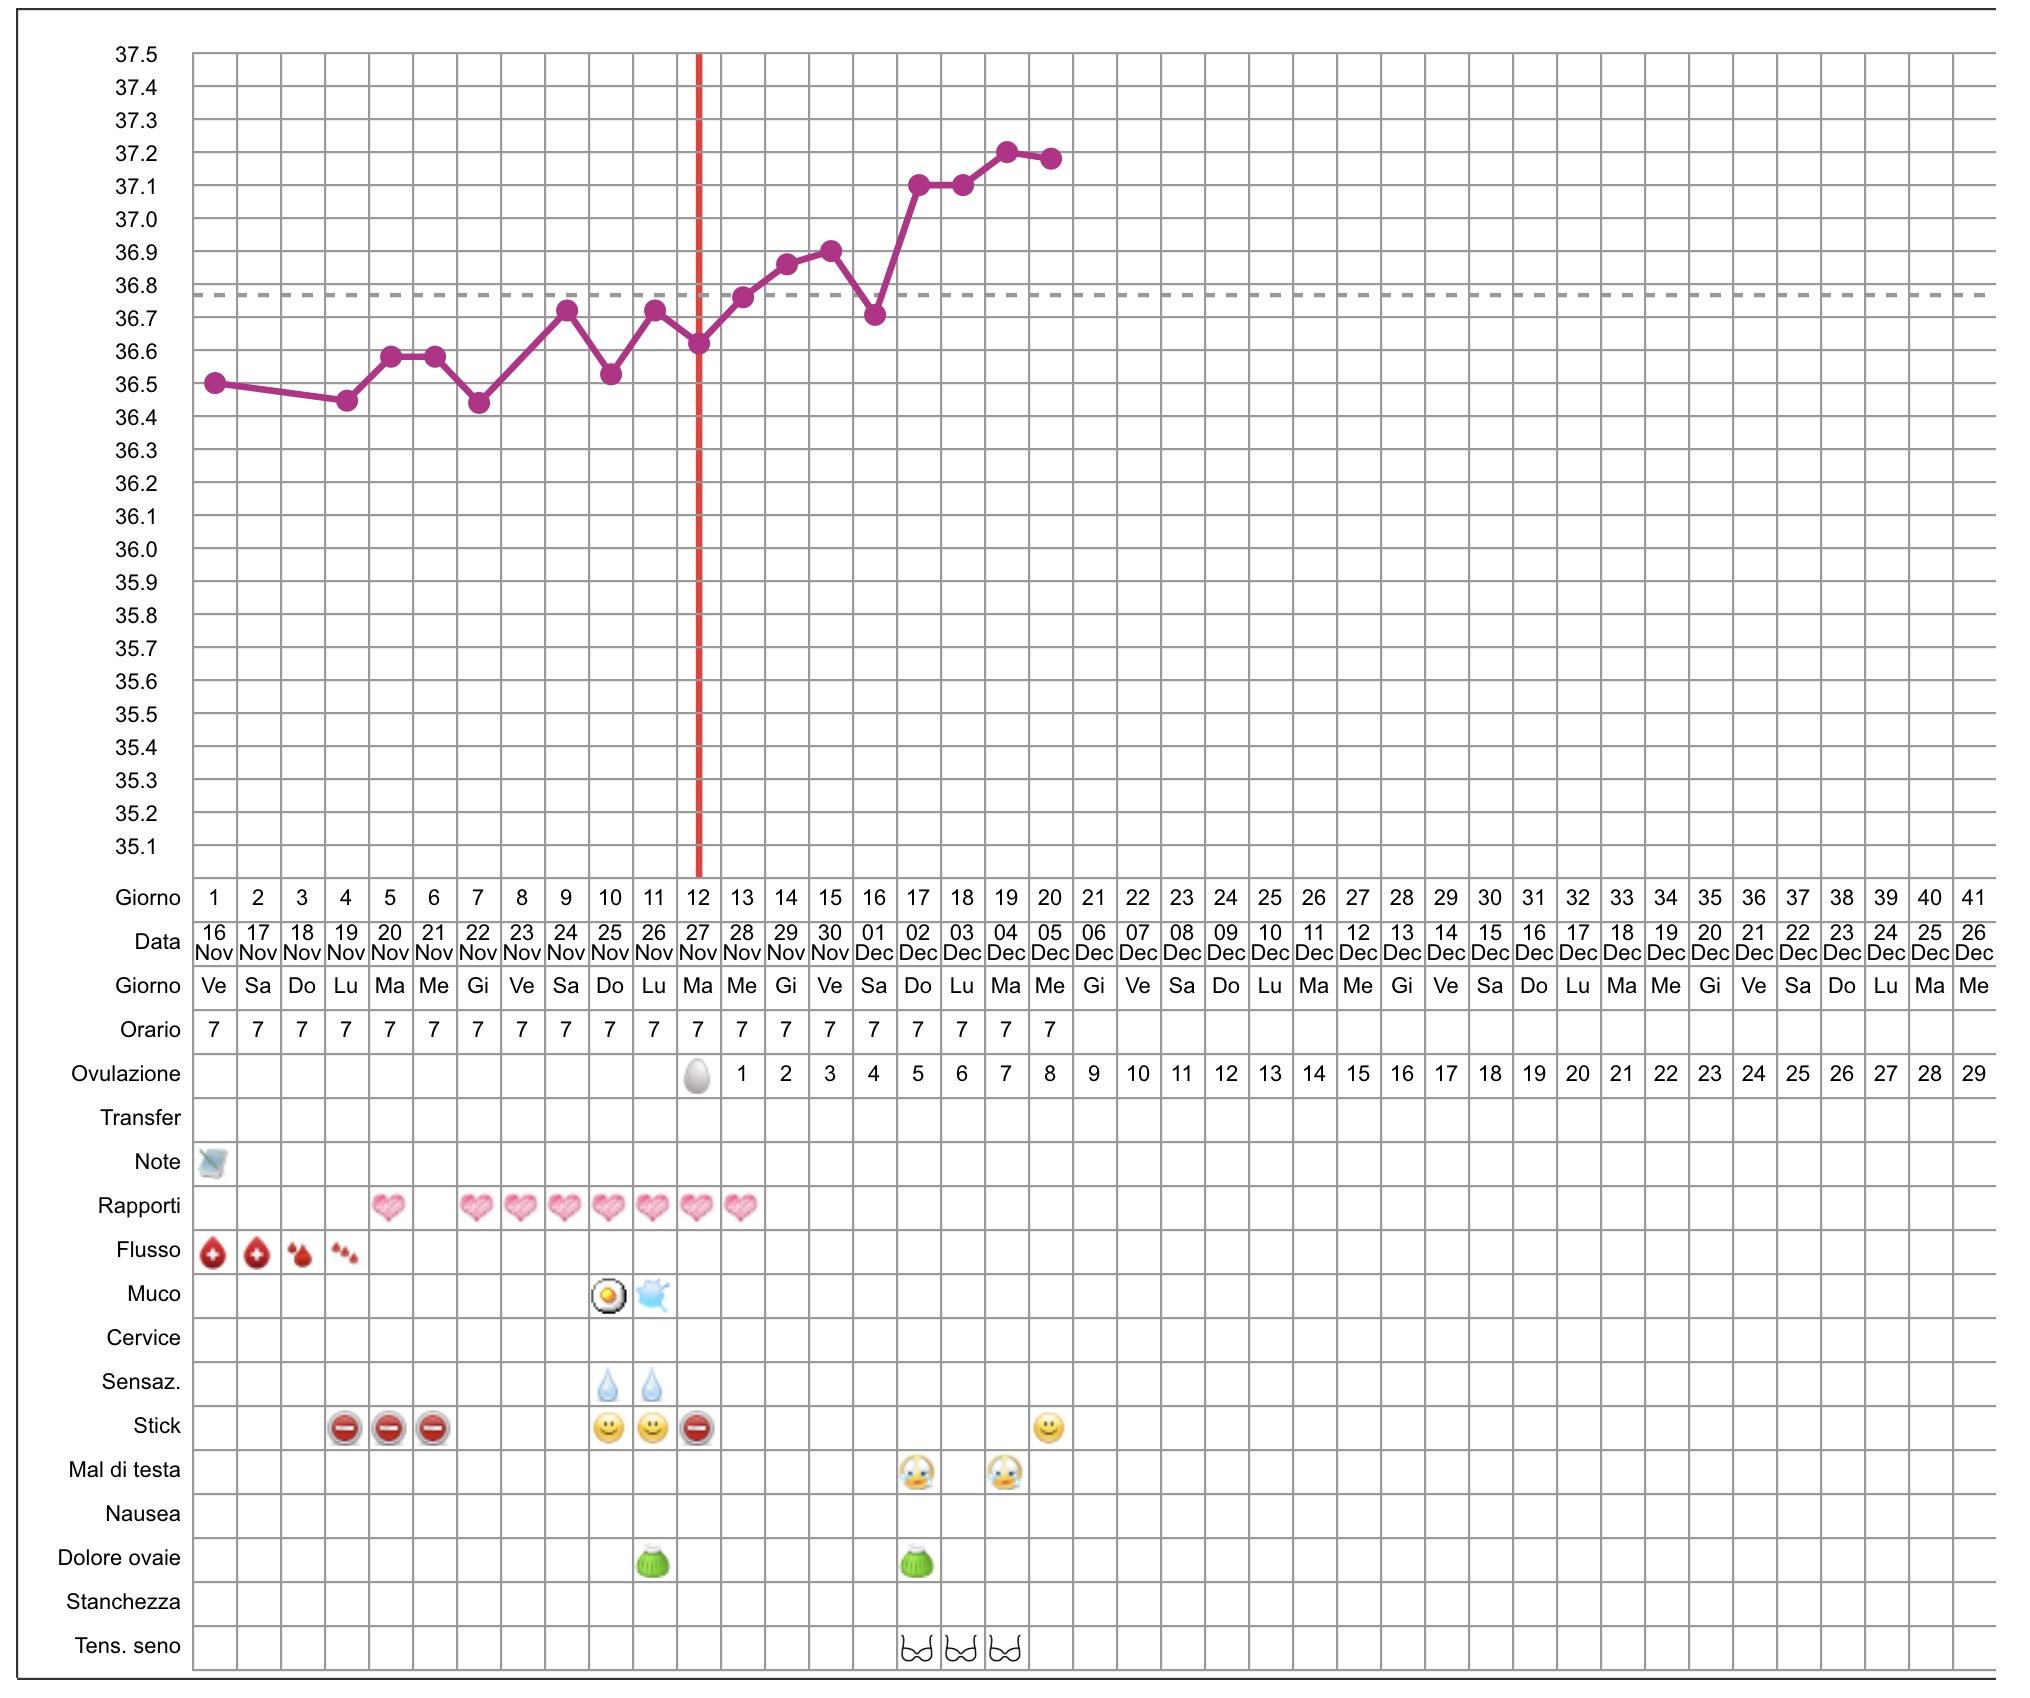 temperatura basale grafico da